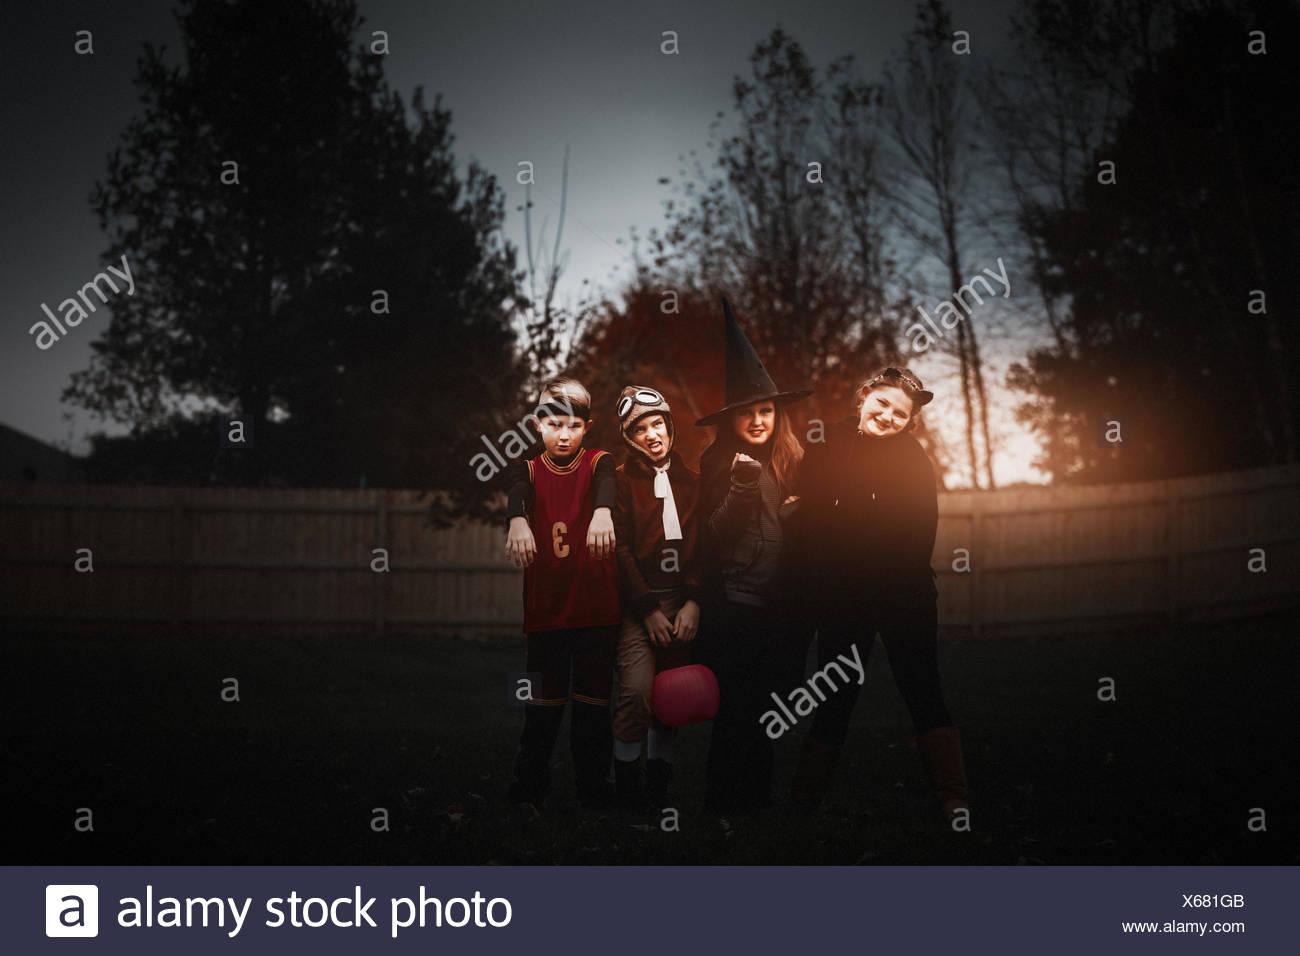 Porträt der Jungen und Mädchen in Halloween Kostüme im Garten bei Dämmerung gestellt Stockbild